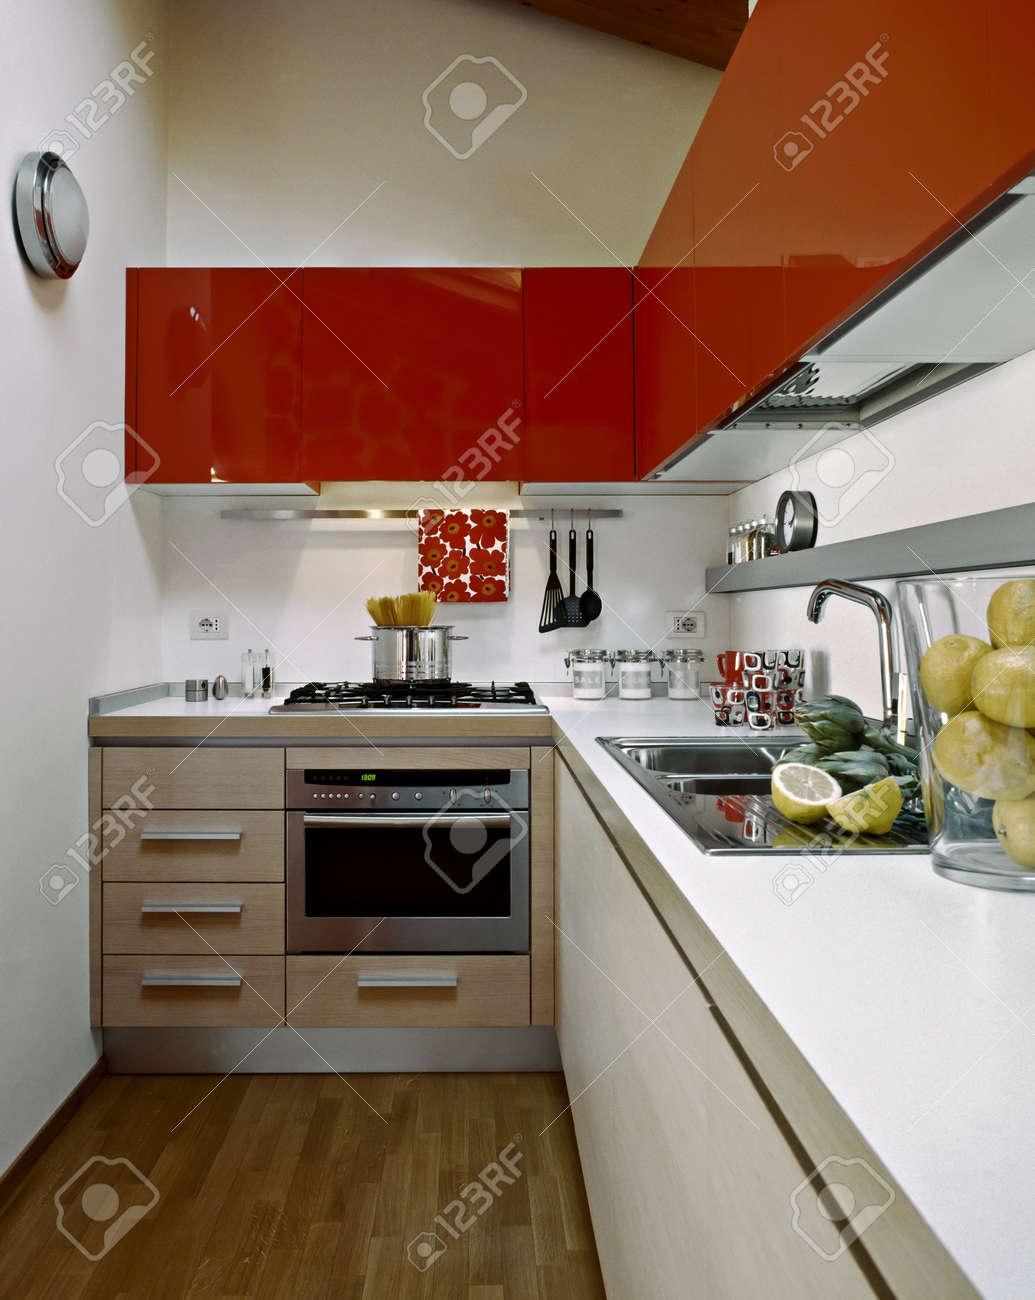 Cuisine Moderne Avec Armoires Rouges Dans Une Chambre Sous Les ...